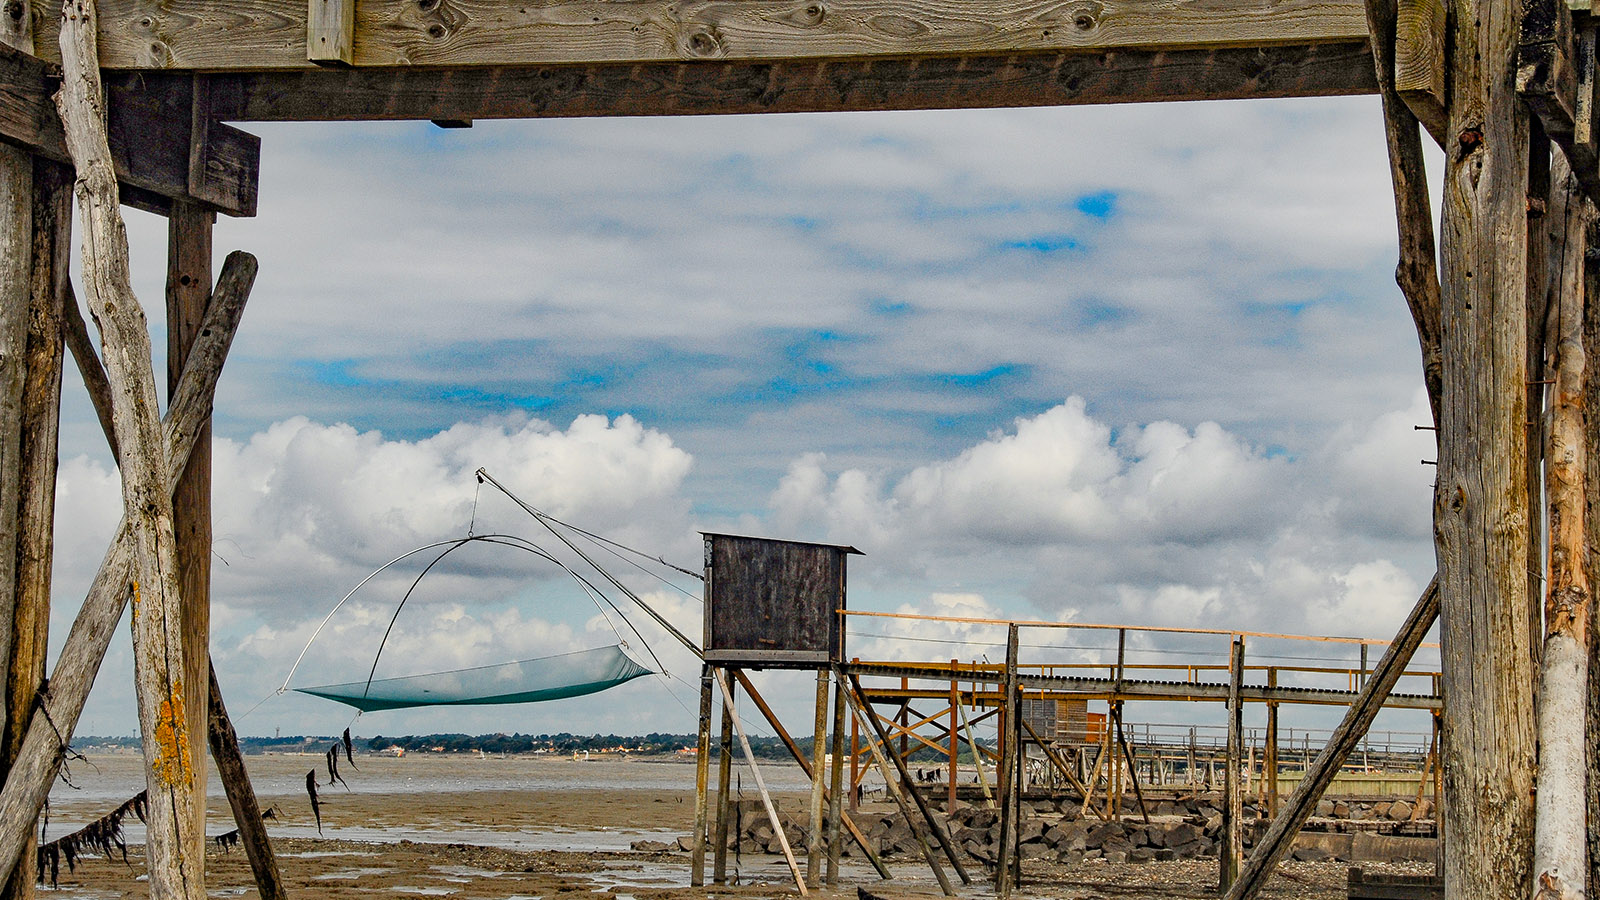 Baie de Bourgneuf: carrelet (Fischerhütte auf Stelzen). Foto: Hilke Maunder